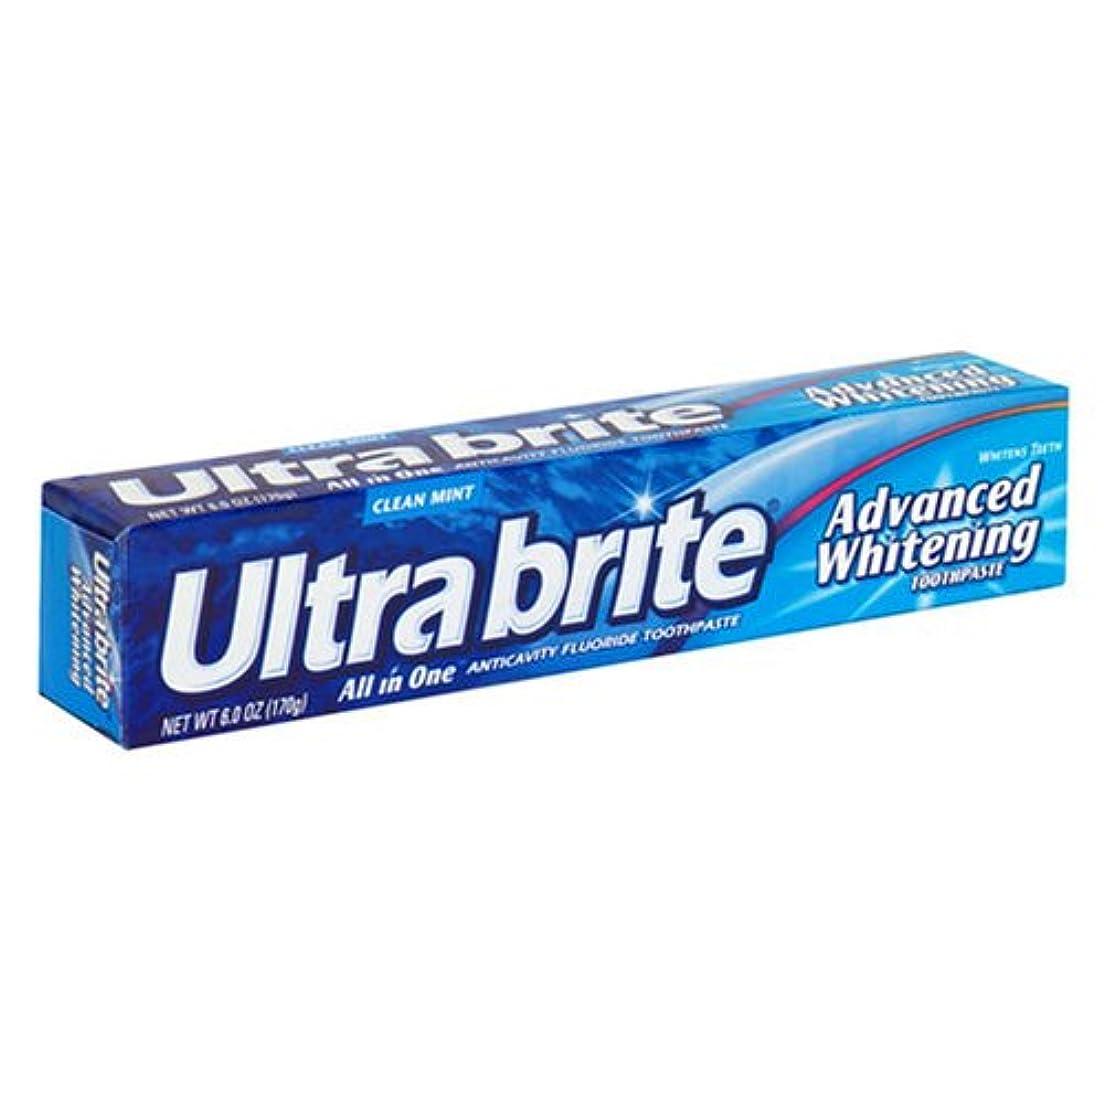 議題符号子供時代海外直送肘 Colgate Ultra Brite Advanced Whitening Fluoride Toothpaste, 6 oz